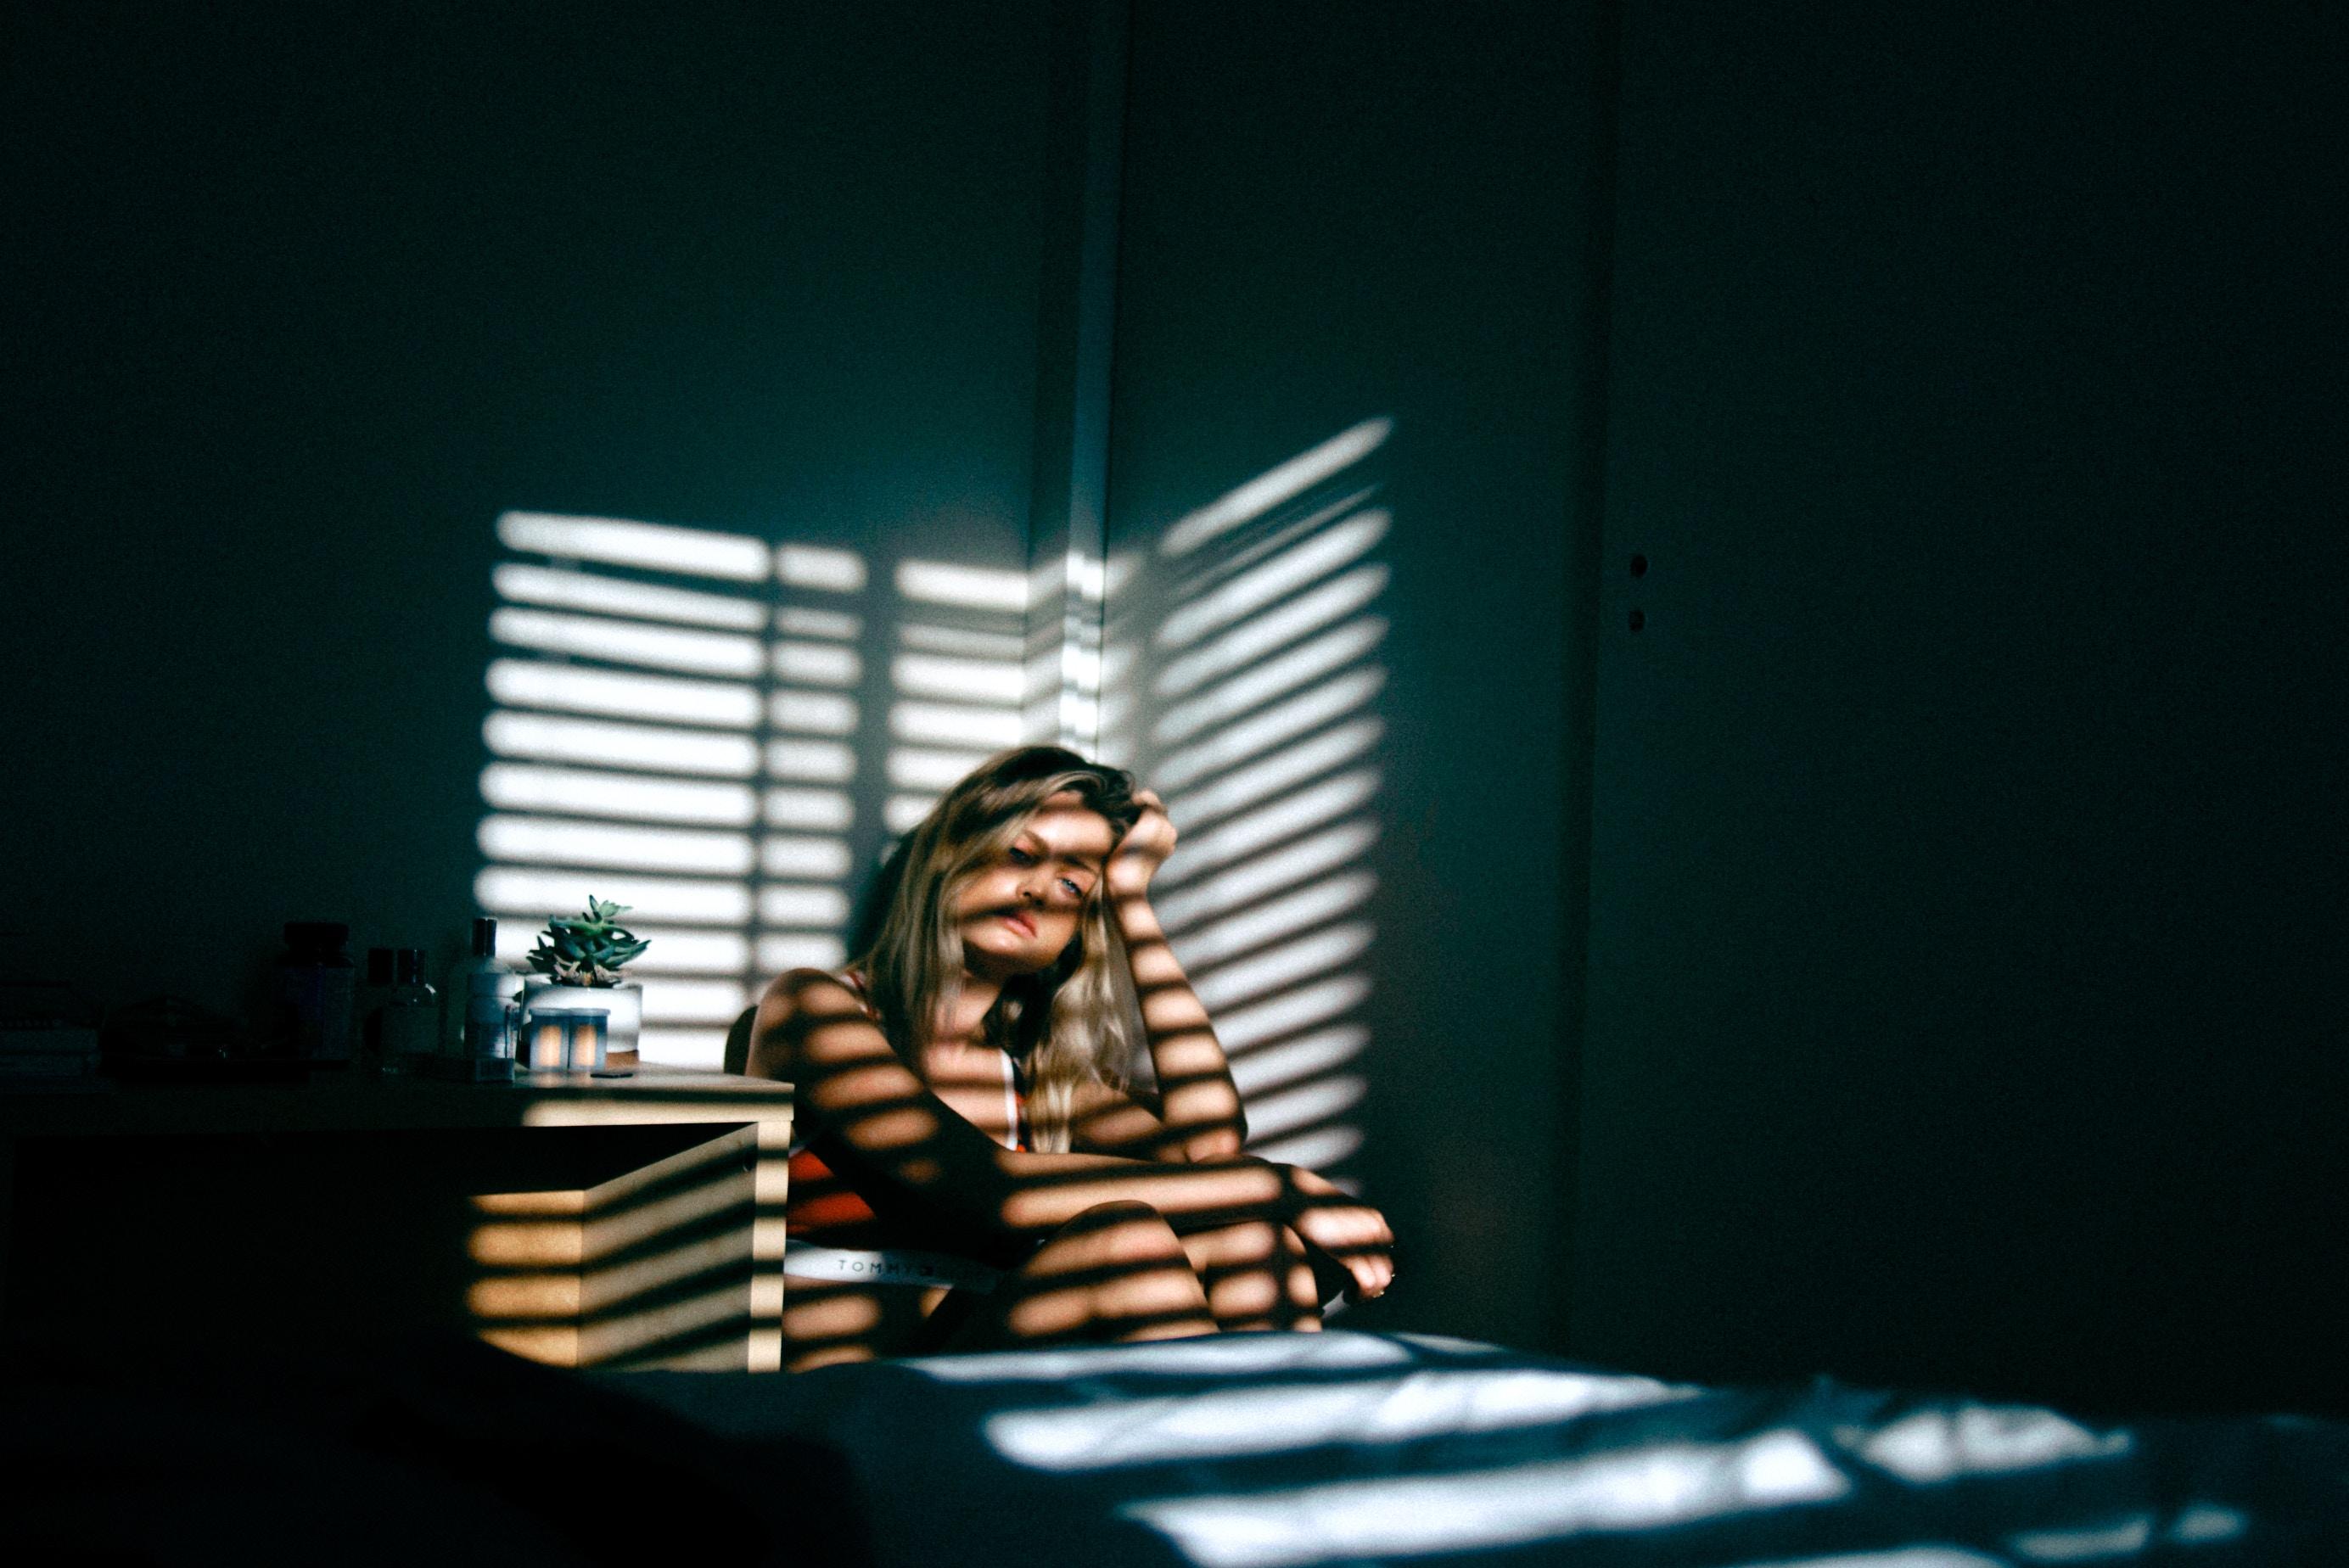 Az íztelen világ fogságában: hiányzó valóságok egy koronás mindennapjaiból | prohormones.hu